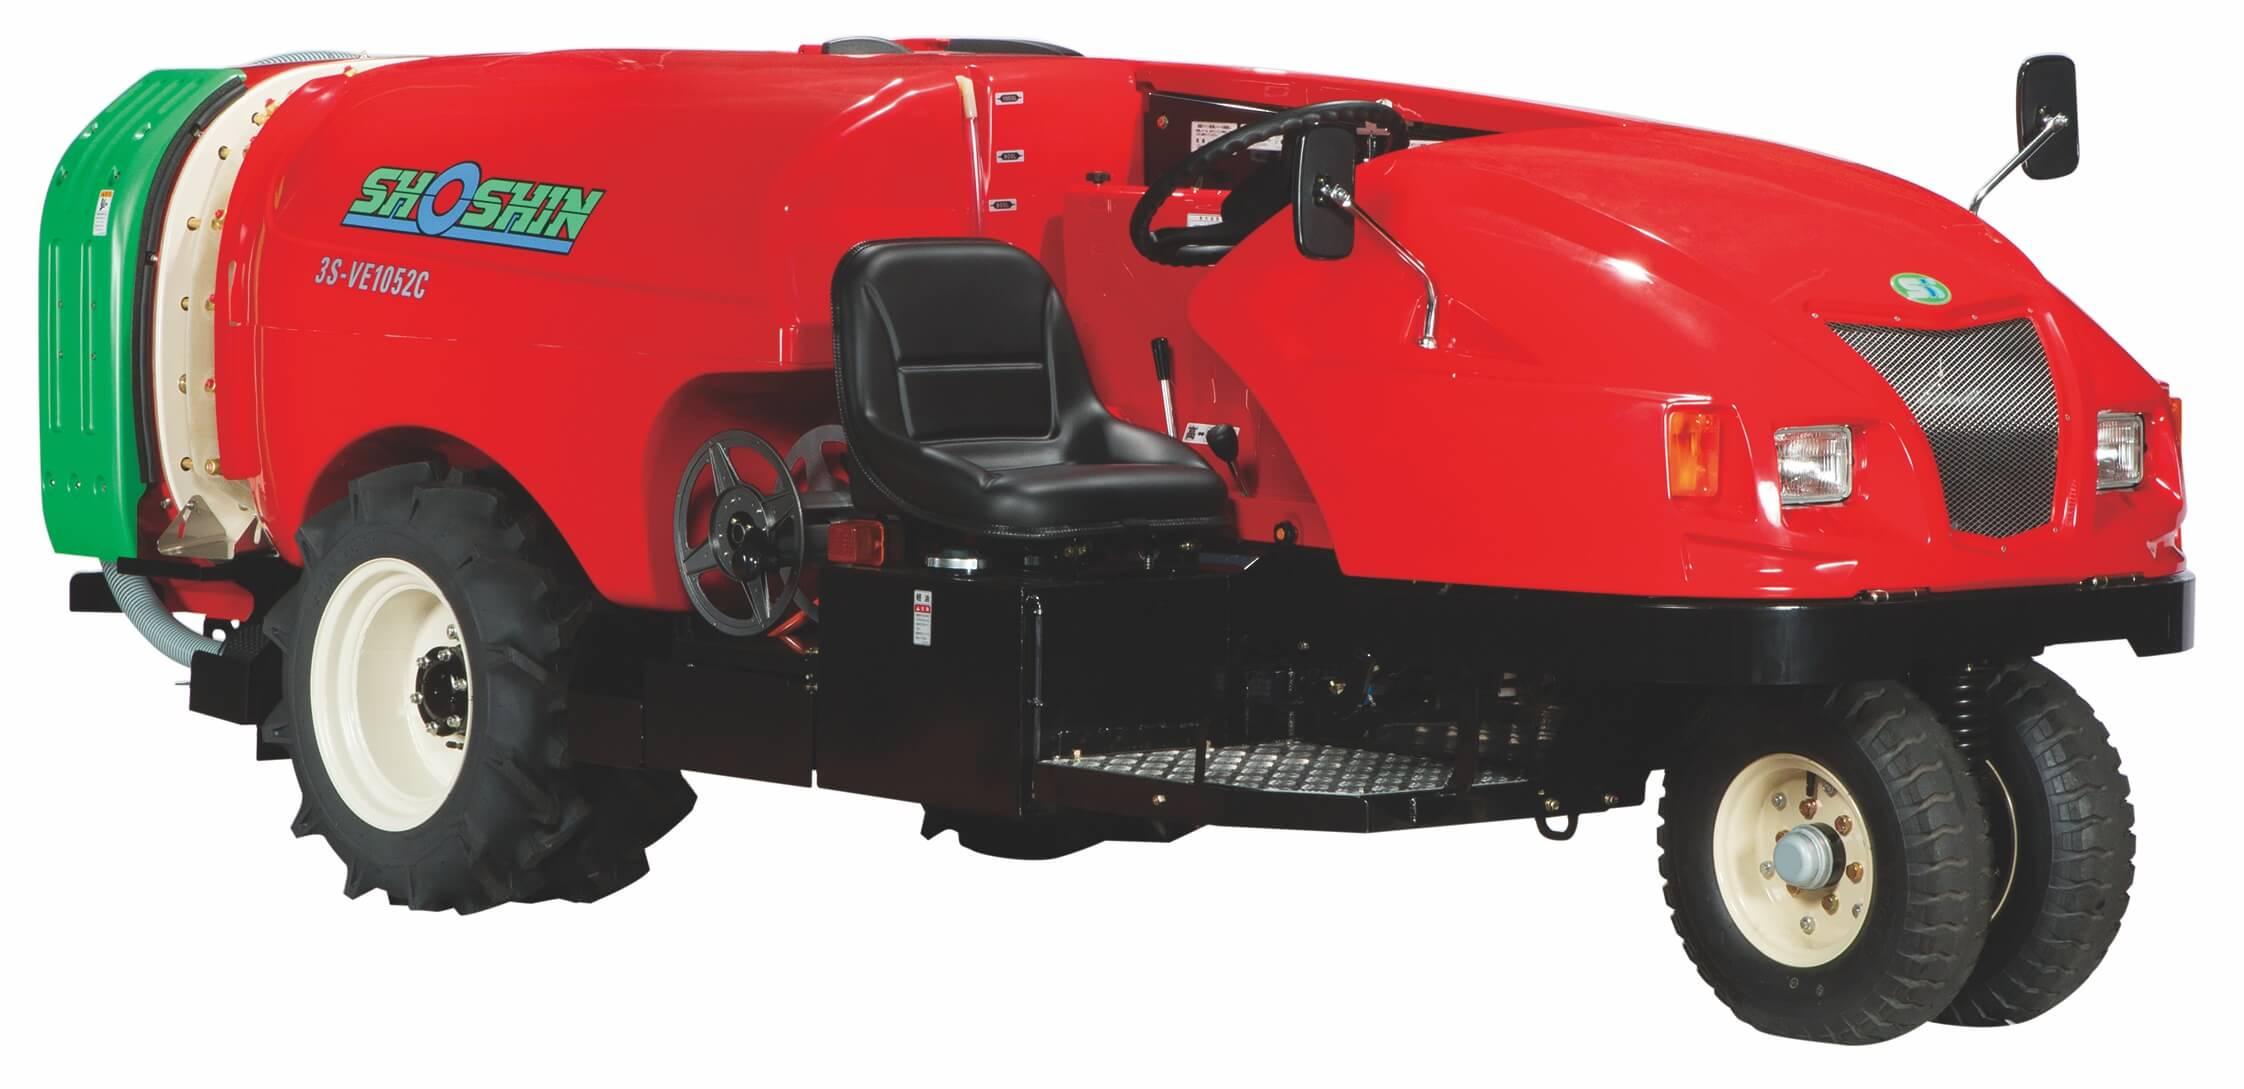 3S-VE1052C